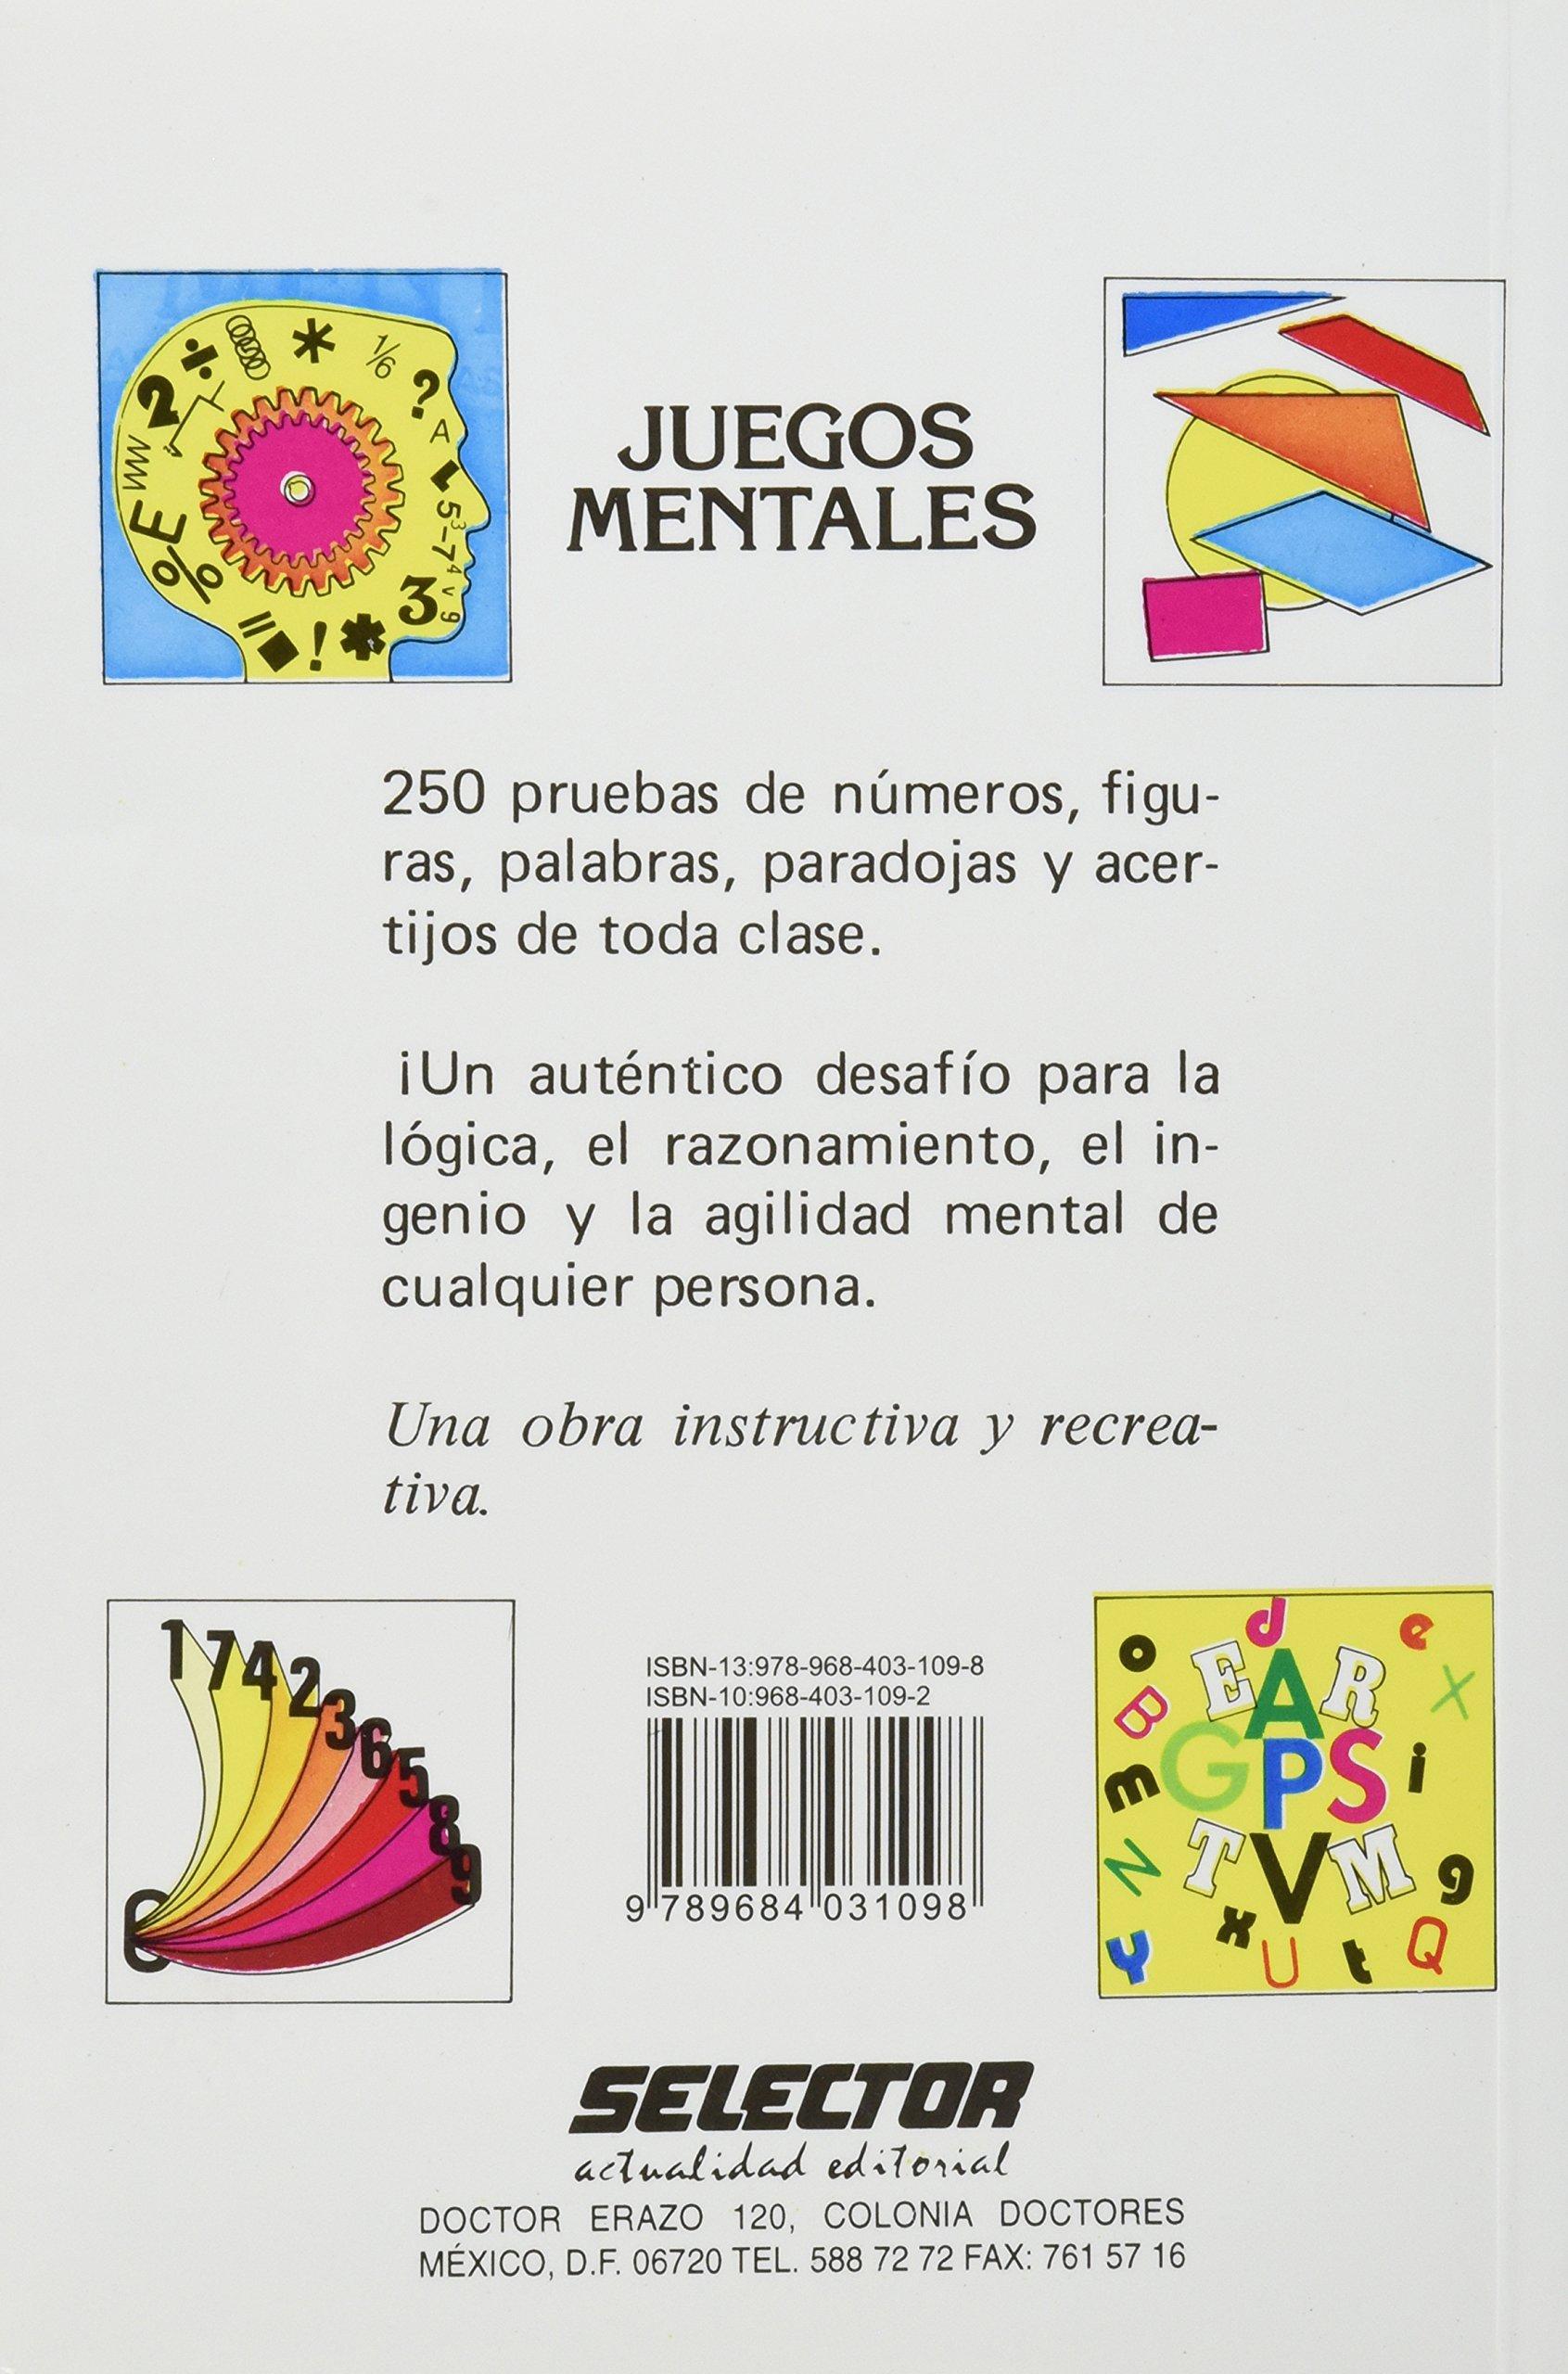 Juegos Mentales Spanish Edition Antonio Lamar 9789684031098